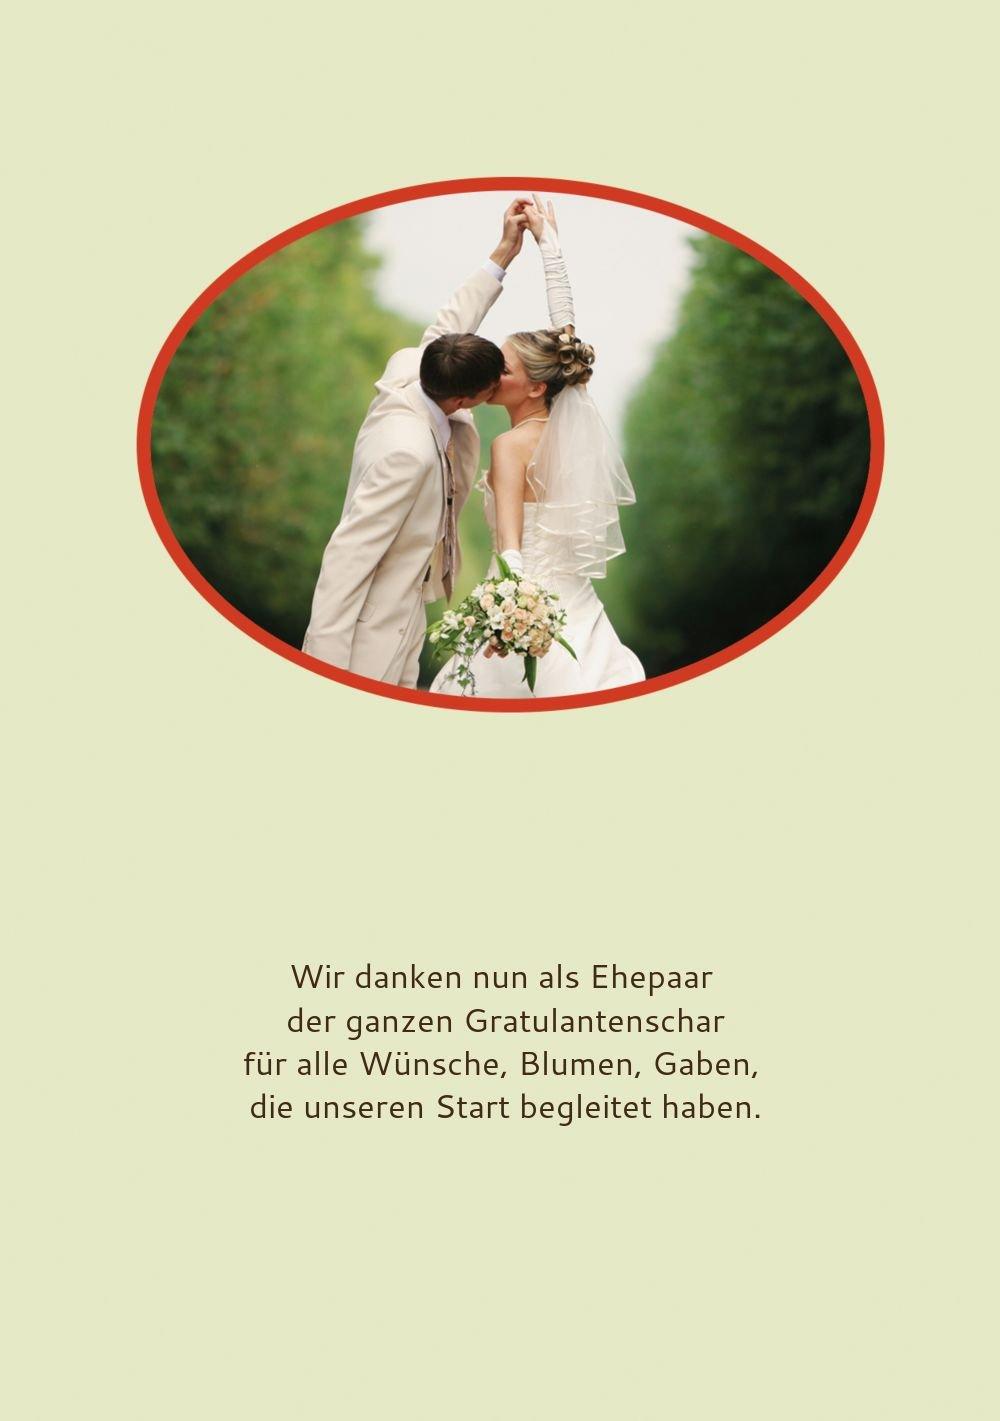 Kartenparadies Danksagung für Hochzeitsgeschenke Hochzeit Dankeskarte Turteltäubchen, hochwertige Danksagungskarte Danksagungskarte Danksagungskarte Hochzeitsglückwünsche inklusive Umschläge   20 Karten - (Format  105x148 mm) Farbe  DunkelgrauBraun B01N9U45T4 | Sp 1ce8ac